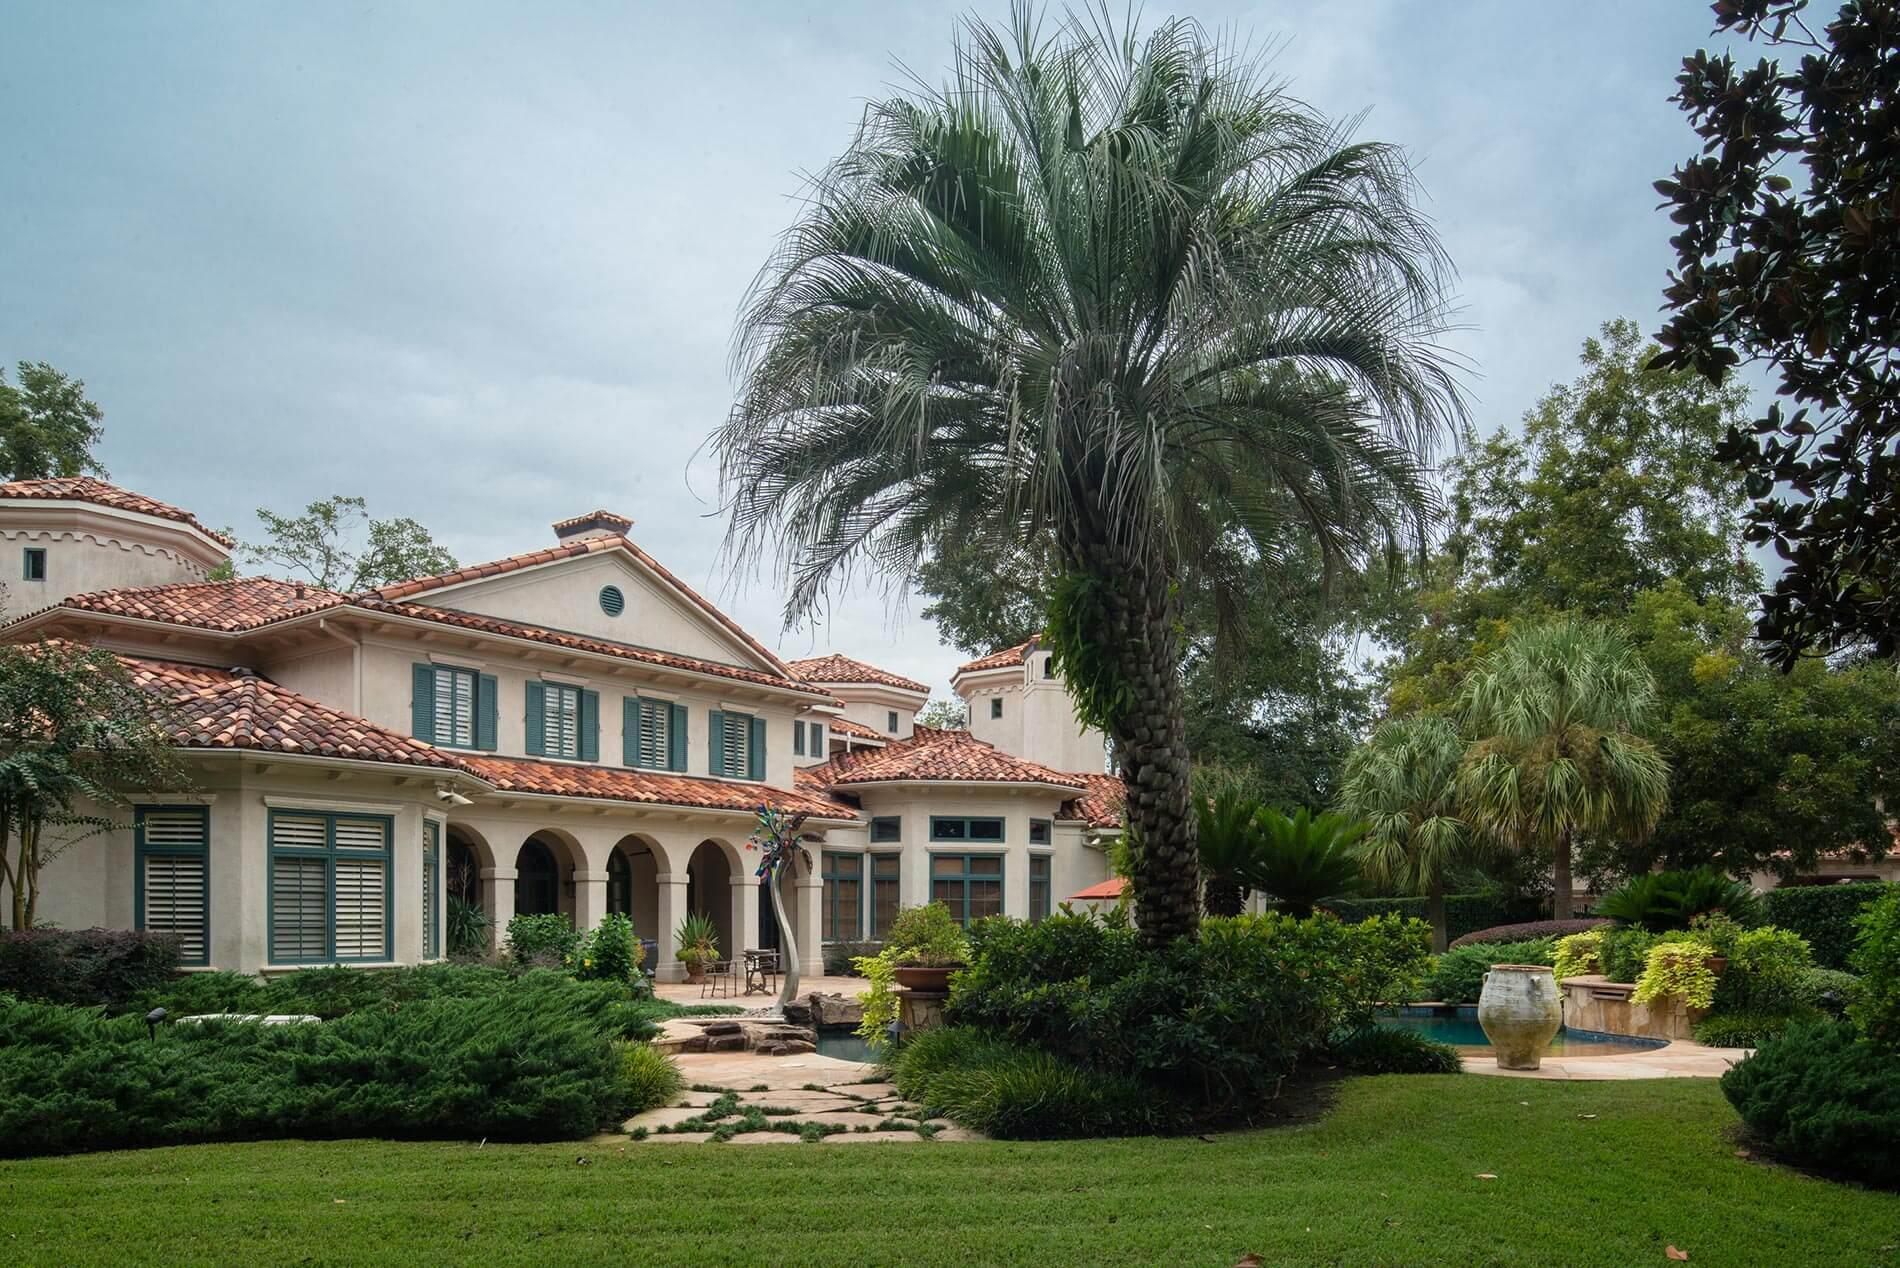 sims Italian manor